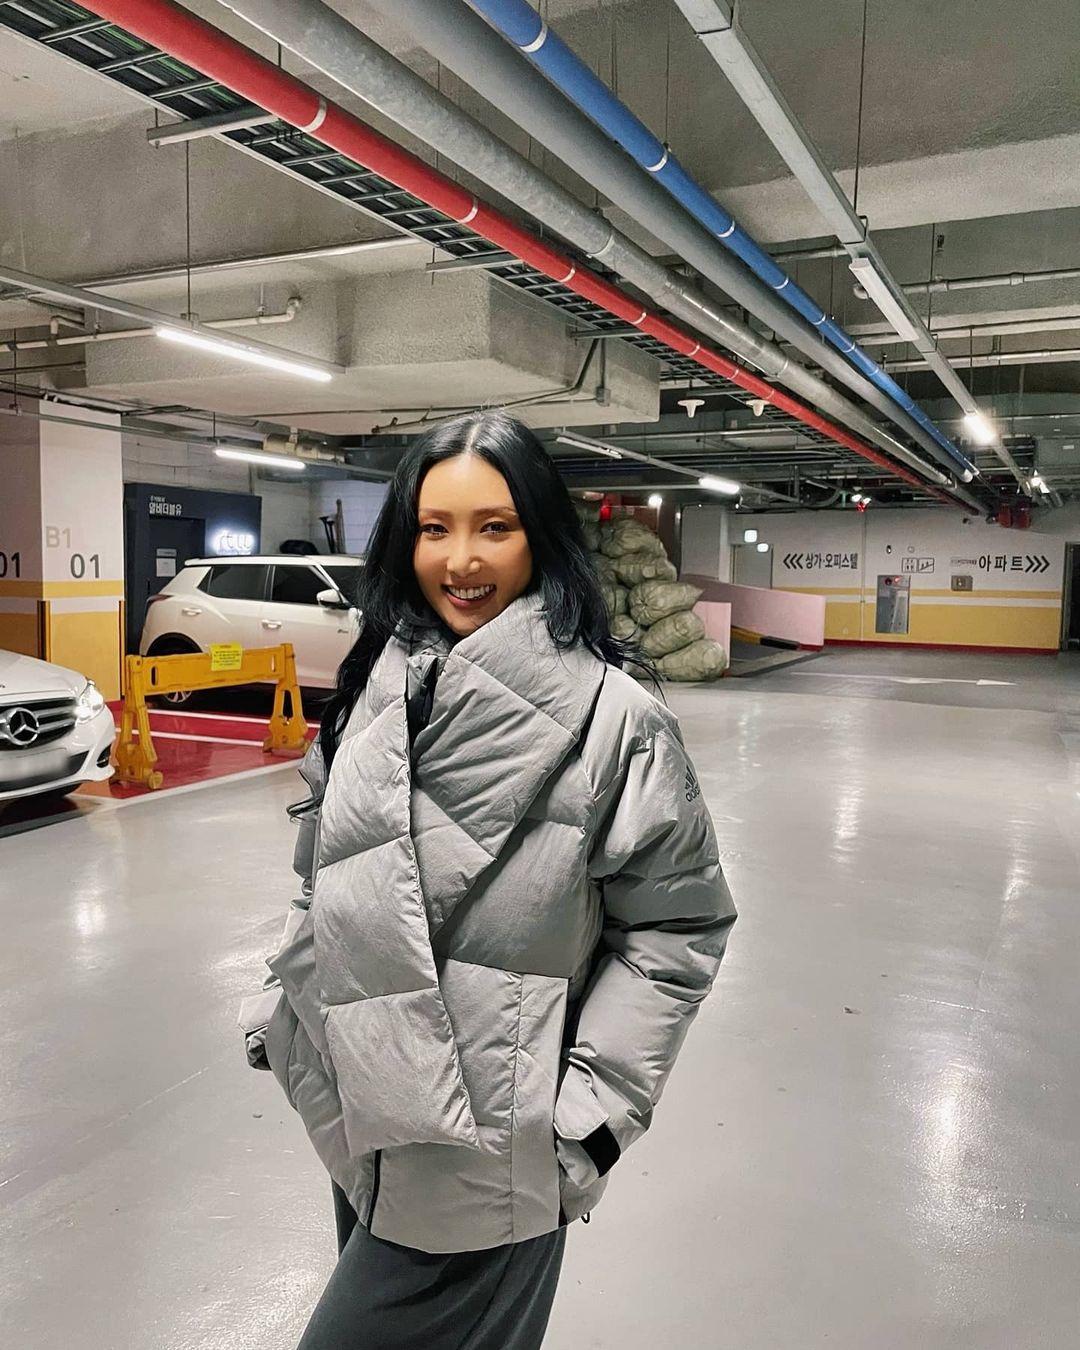 """Không phải áo khoác dáng dài, đây mới là những kiểu áo được sao Hàn ưu ái trong ngày đại hàn: Sang chảnh, ấm áp mà mặc lên không hề bị """"béo"""" - Ảnh 9."""